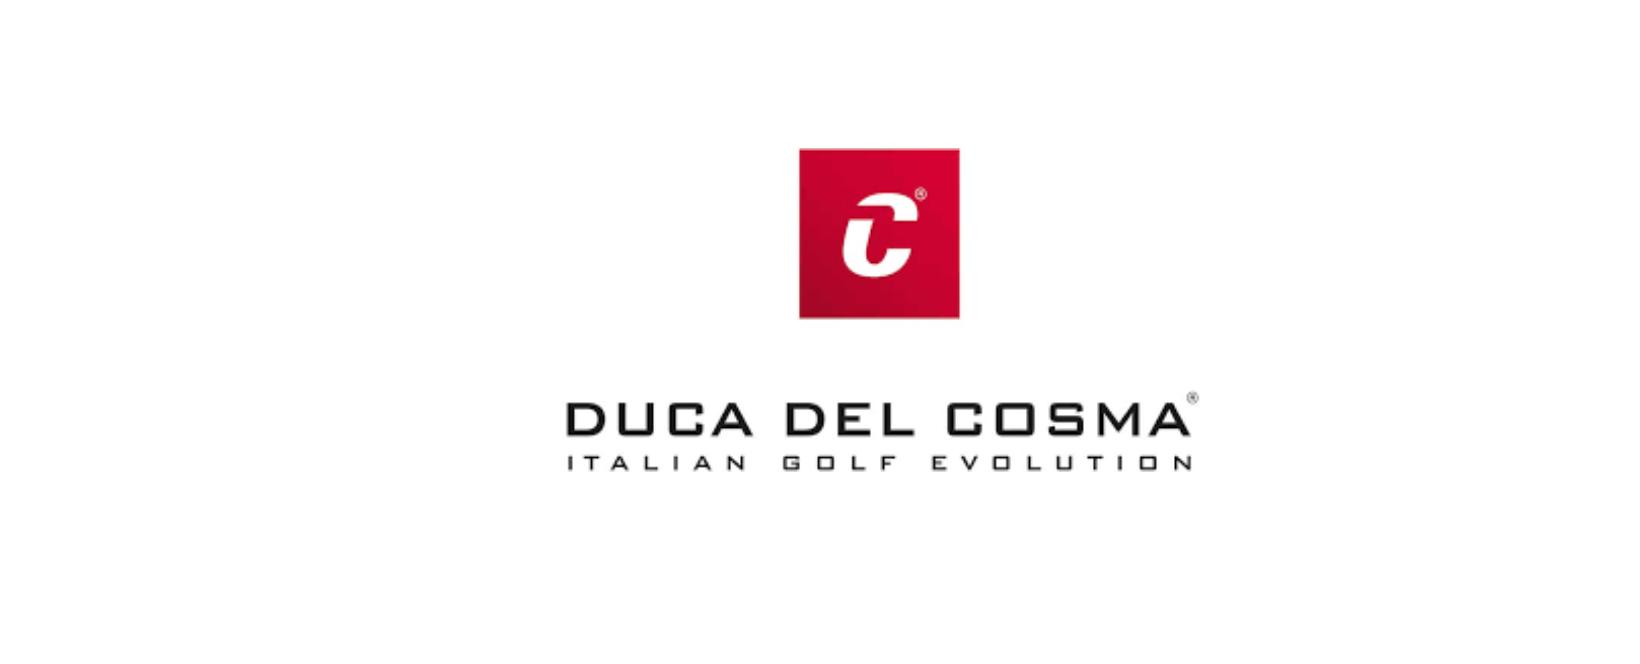 Duca Del Cosma UK Discount Code 2021